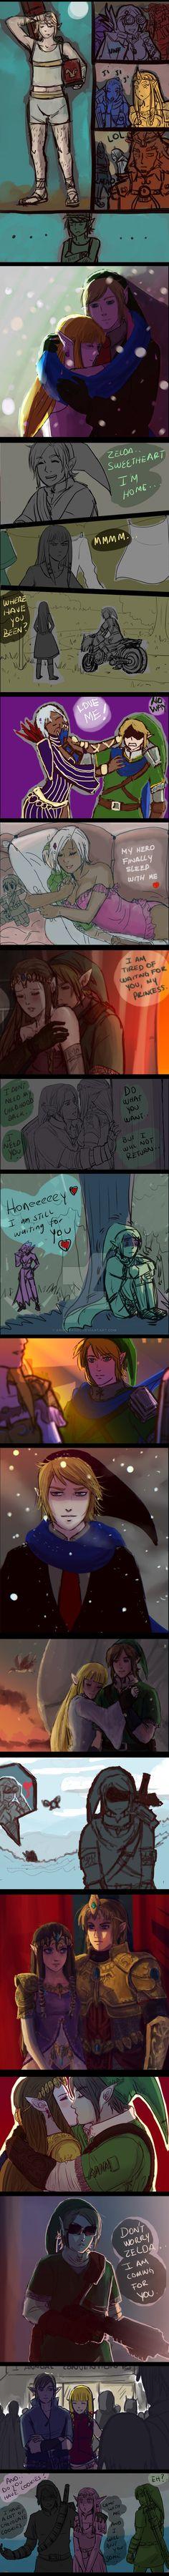 +(- The legend of Zelda doodles -)+ by AngelJasiel